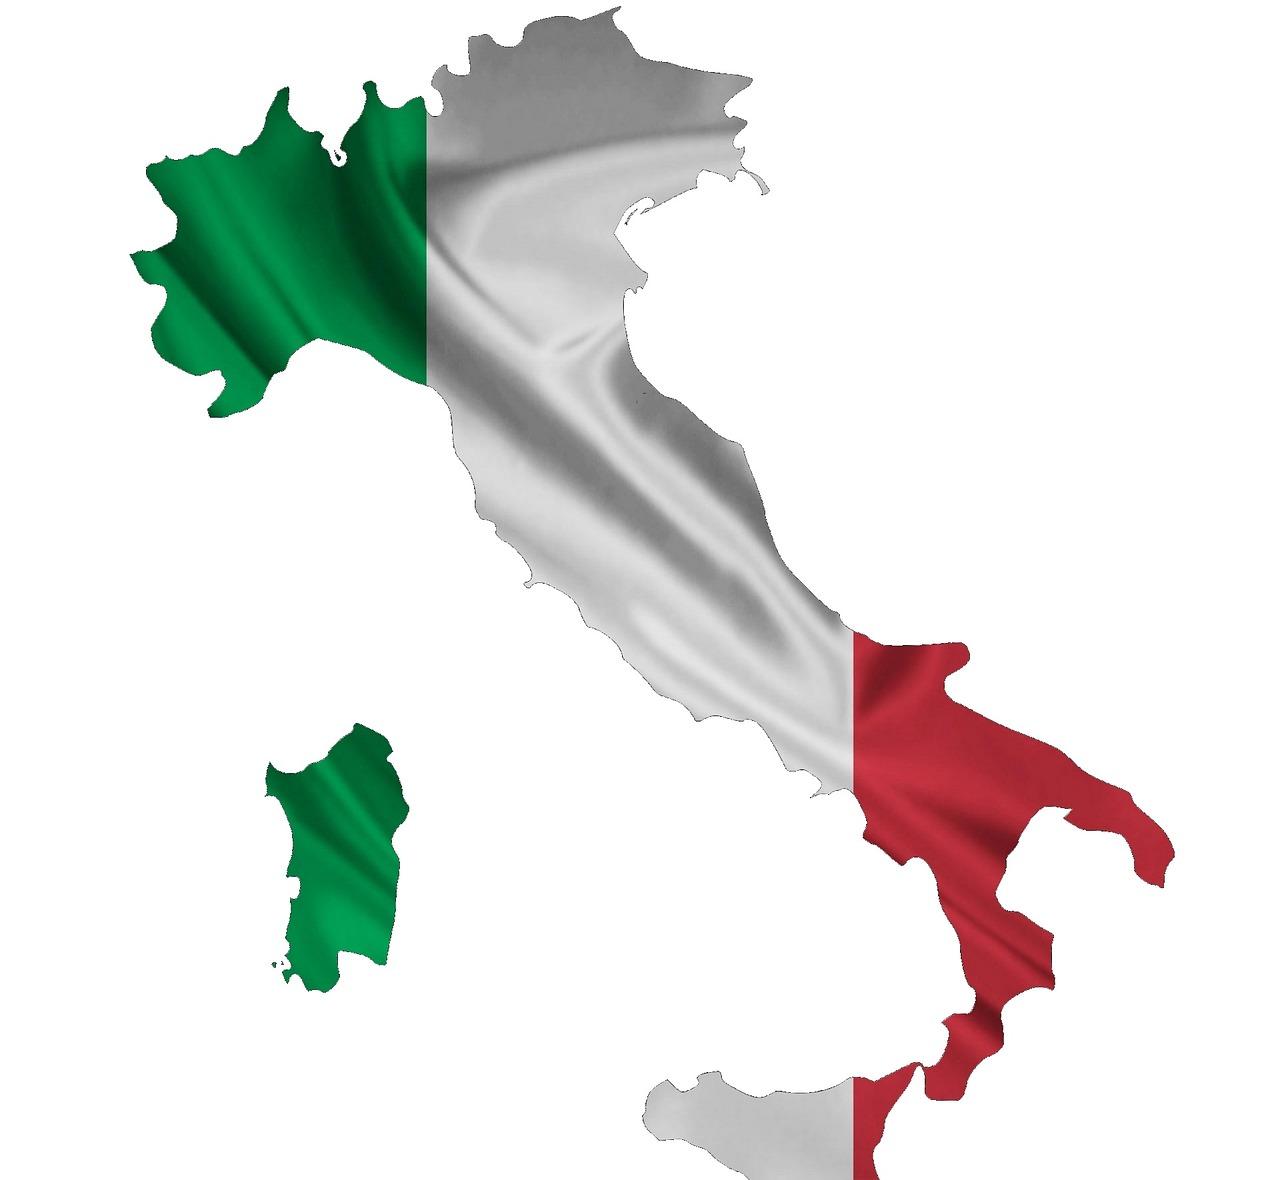 картинка флаг италии понемногу выкладывать